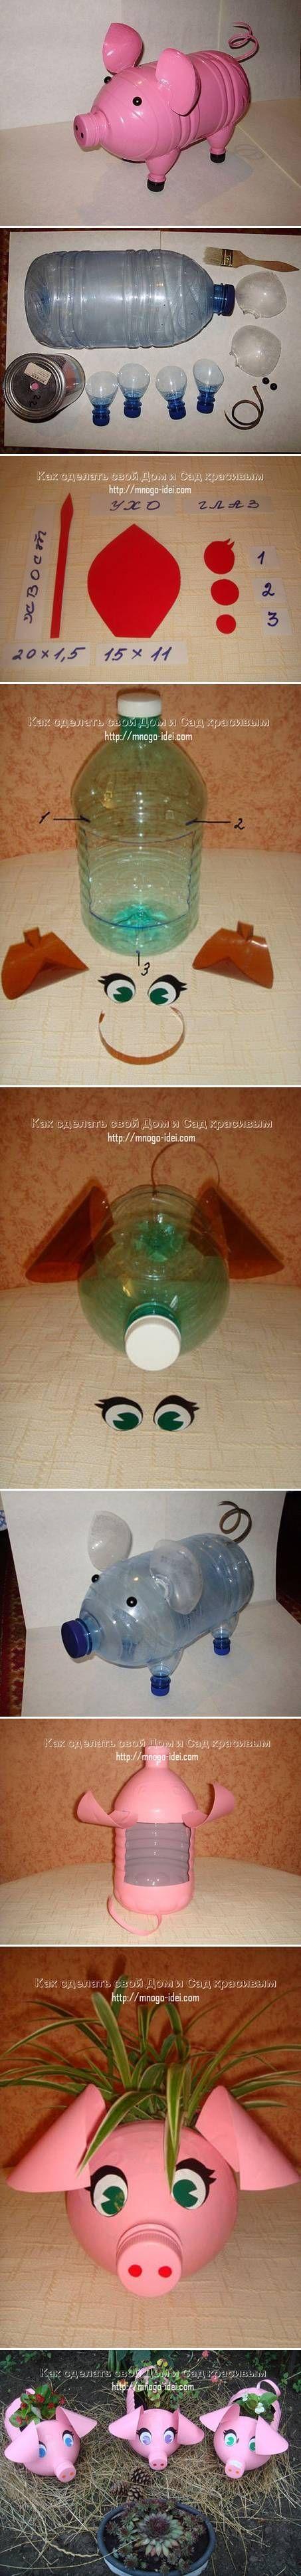 DIY Plastic Bottle Piggy Plant Vase DIY Projects / UsefulDIY.com